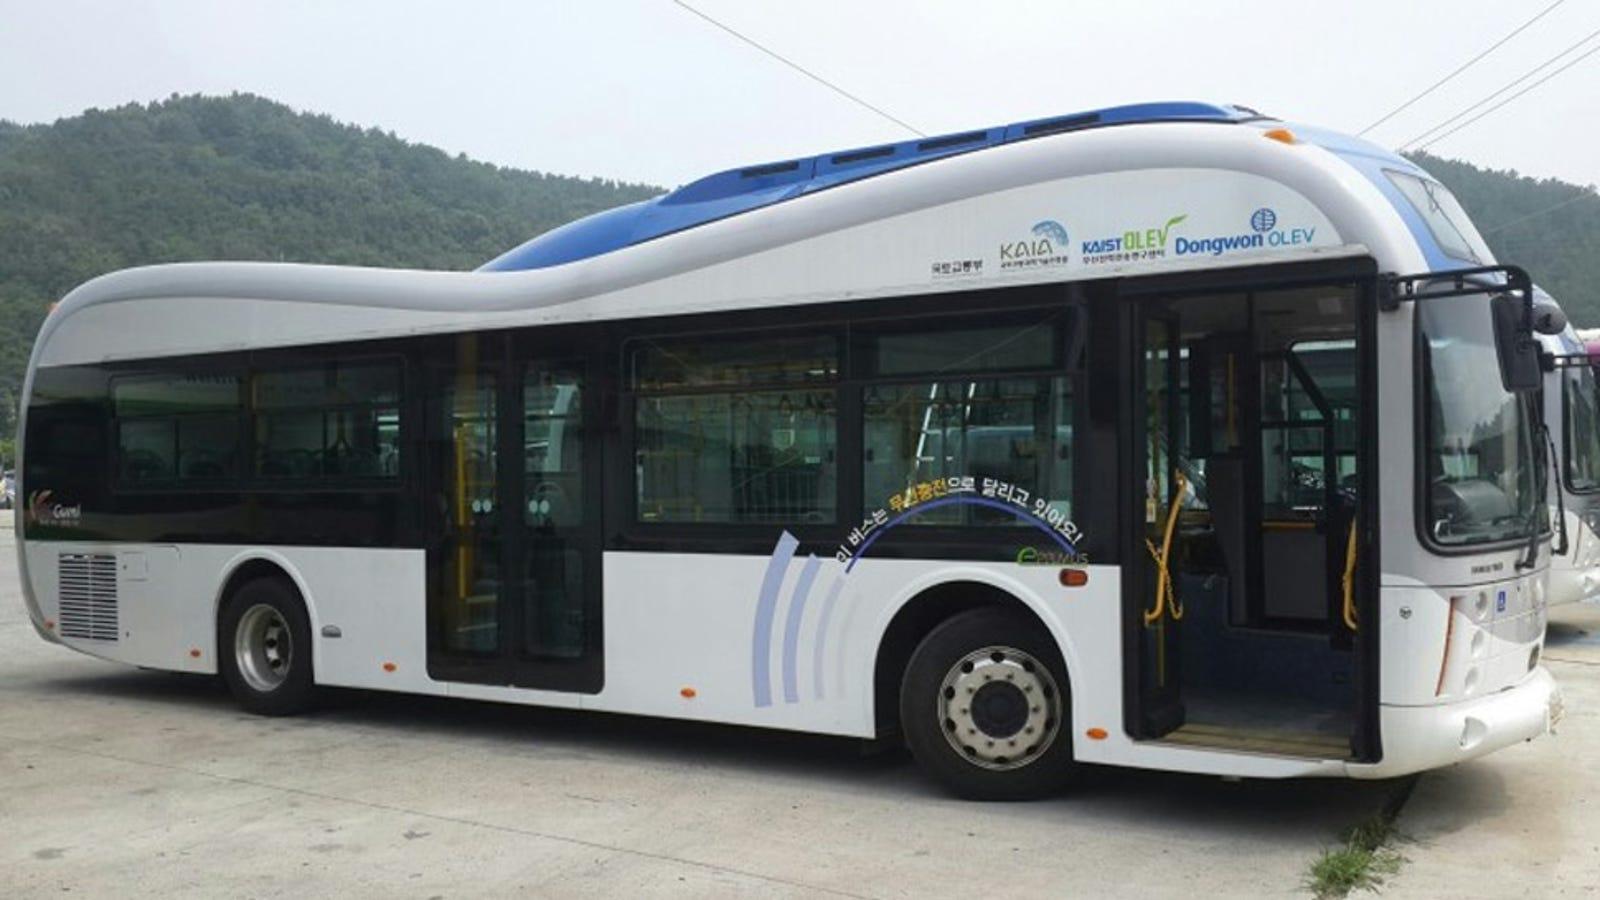 Estos nuevos autobuses eléctricos reciben su energía de la carretera